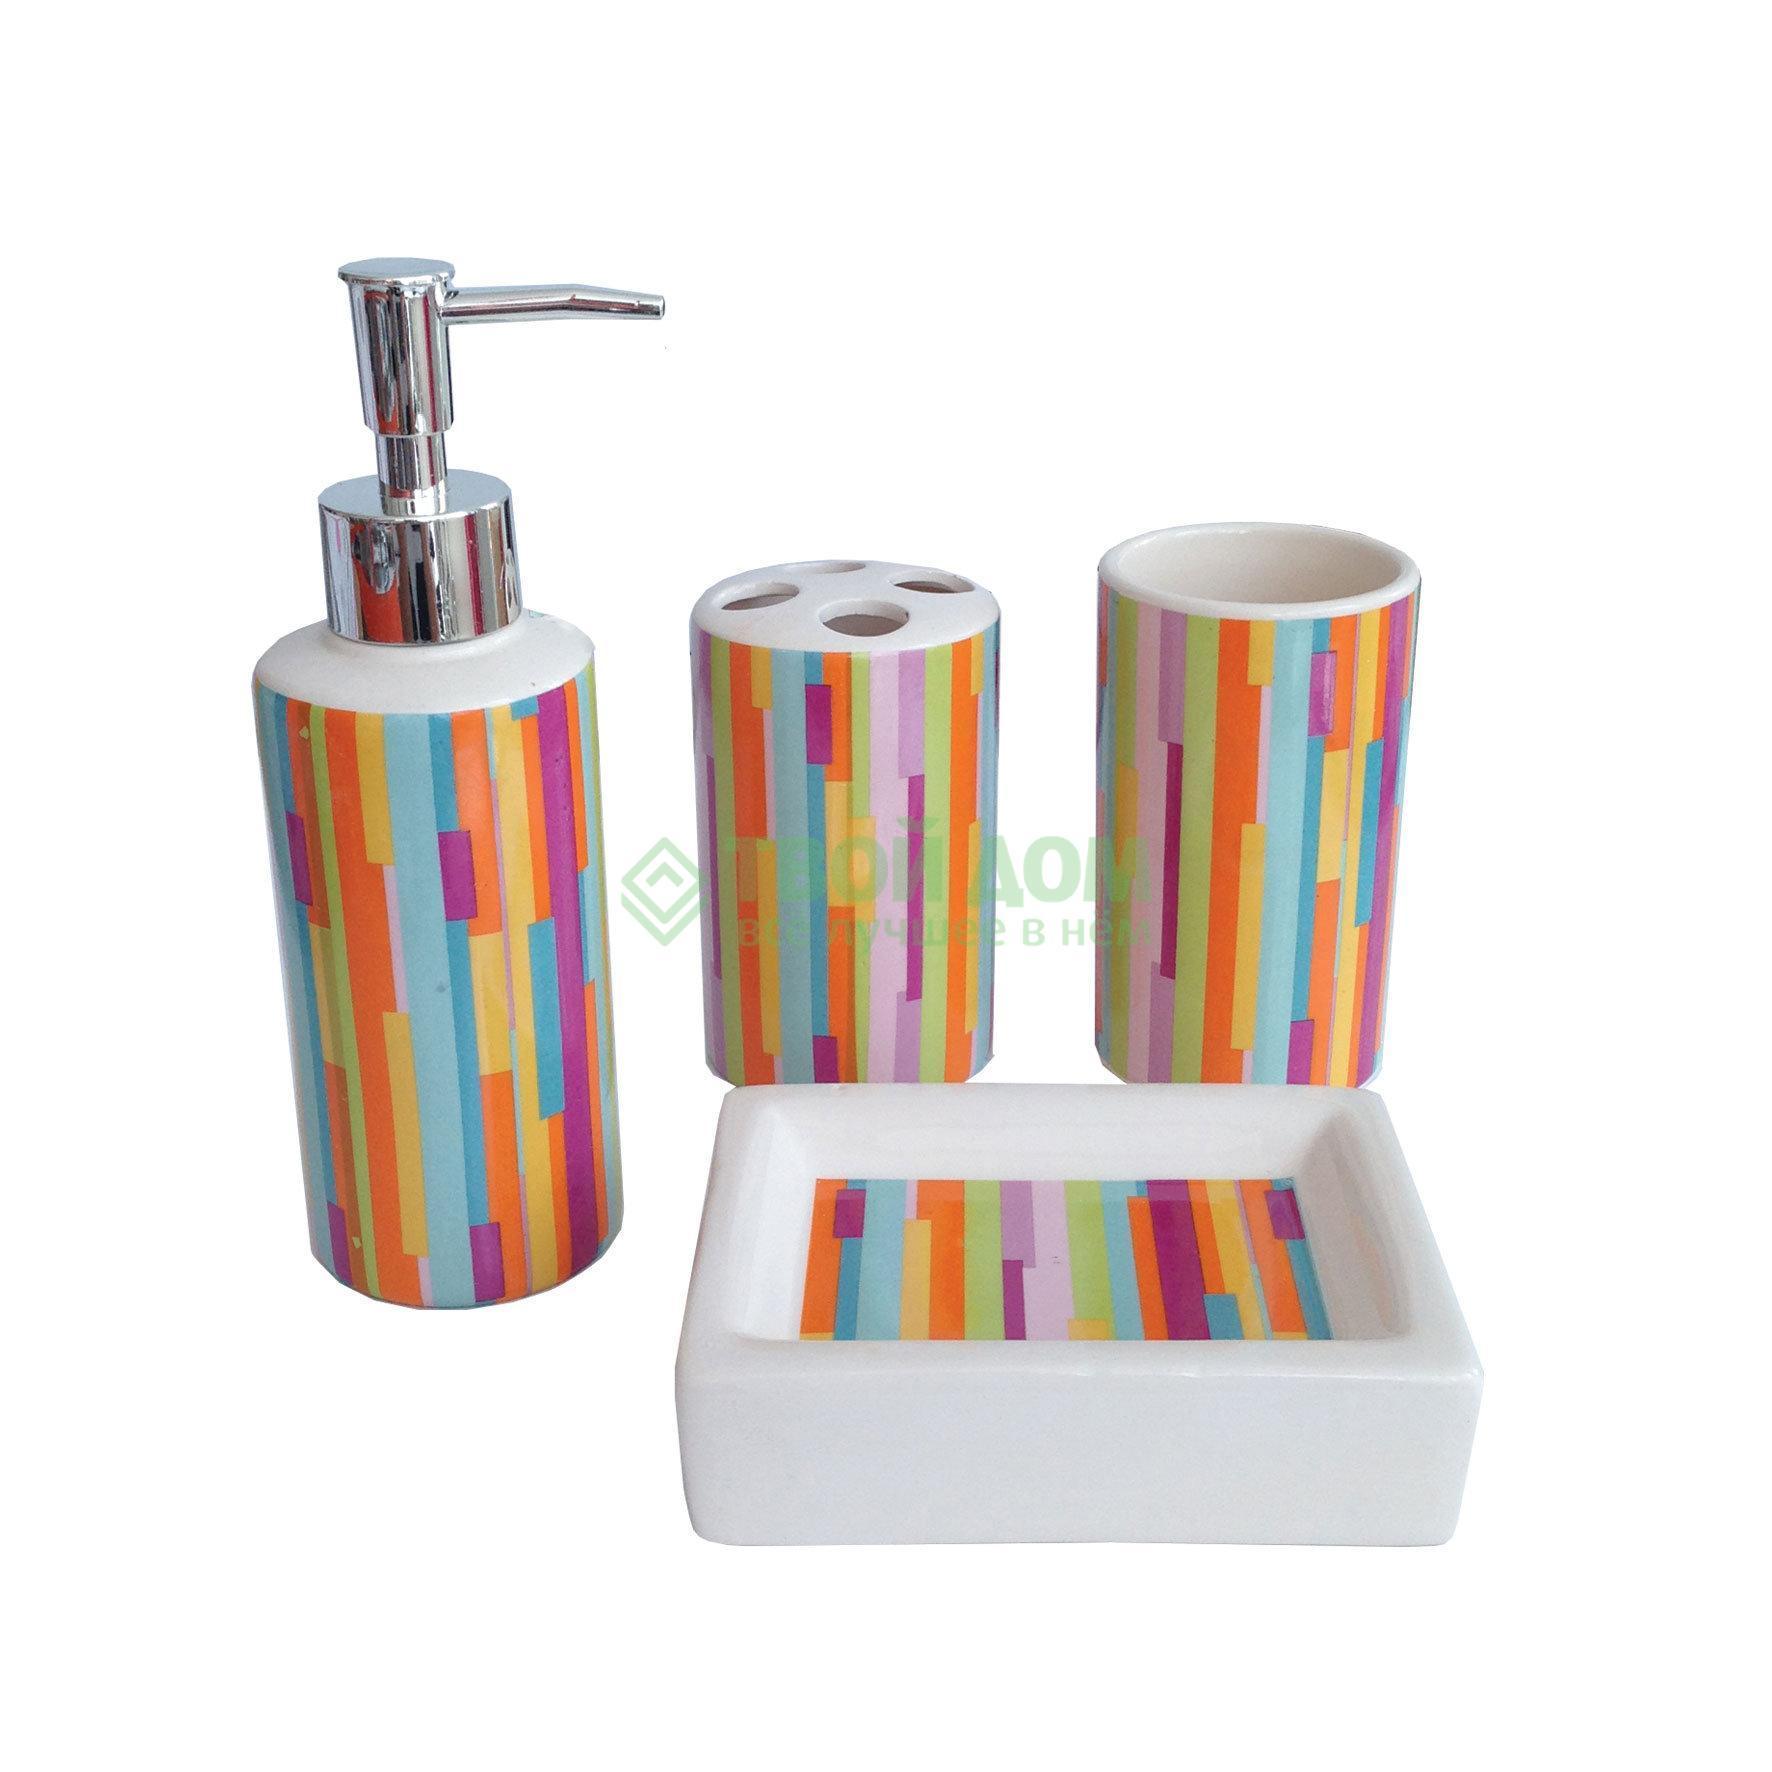 Набор для ванной комнаты Primanova D-16009, набор для ванной комнаты, Китай, голубой, оранжевый, фарфор  - купить со скидкой